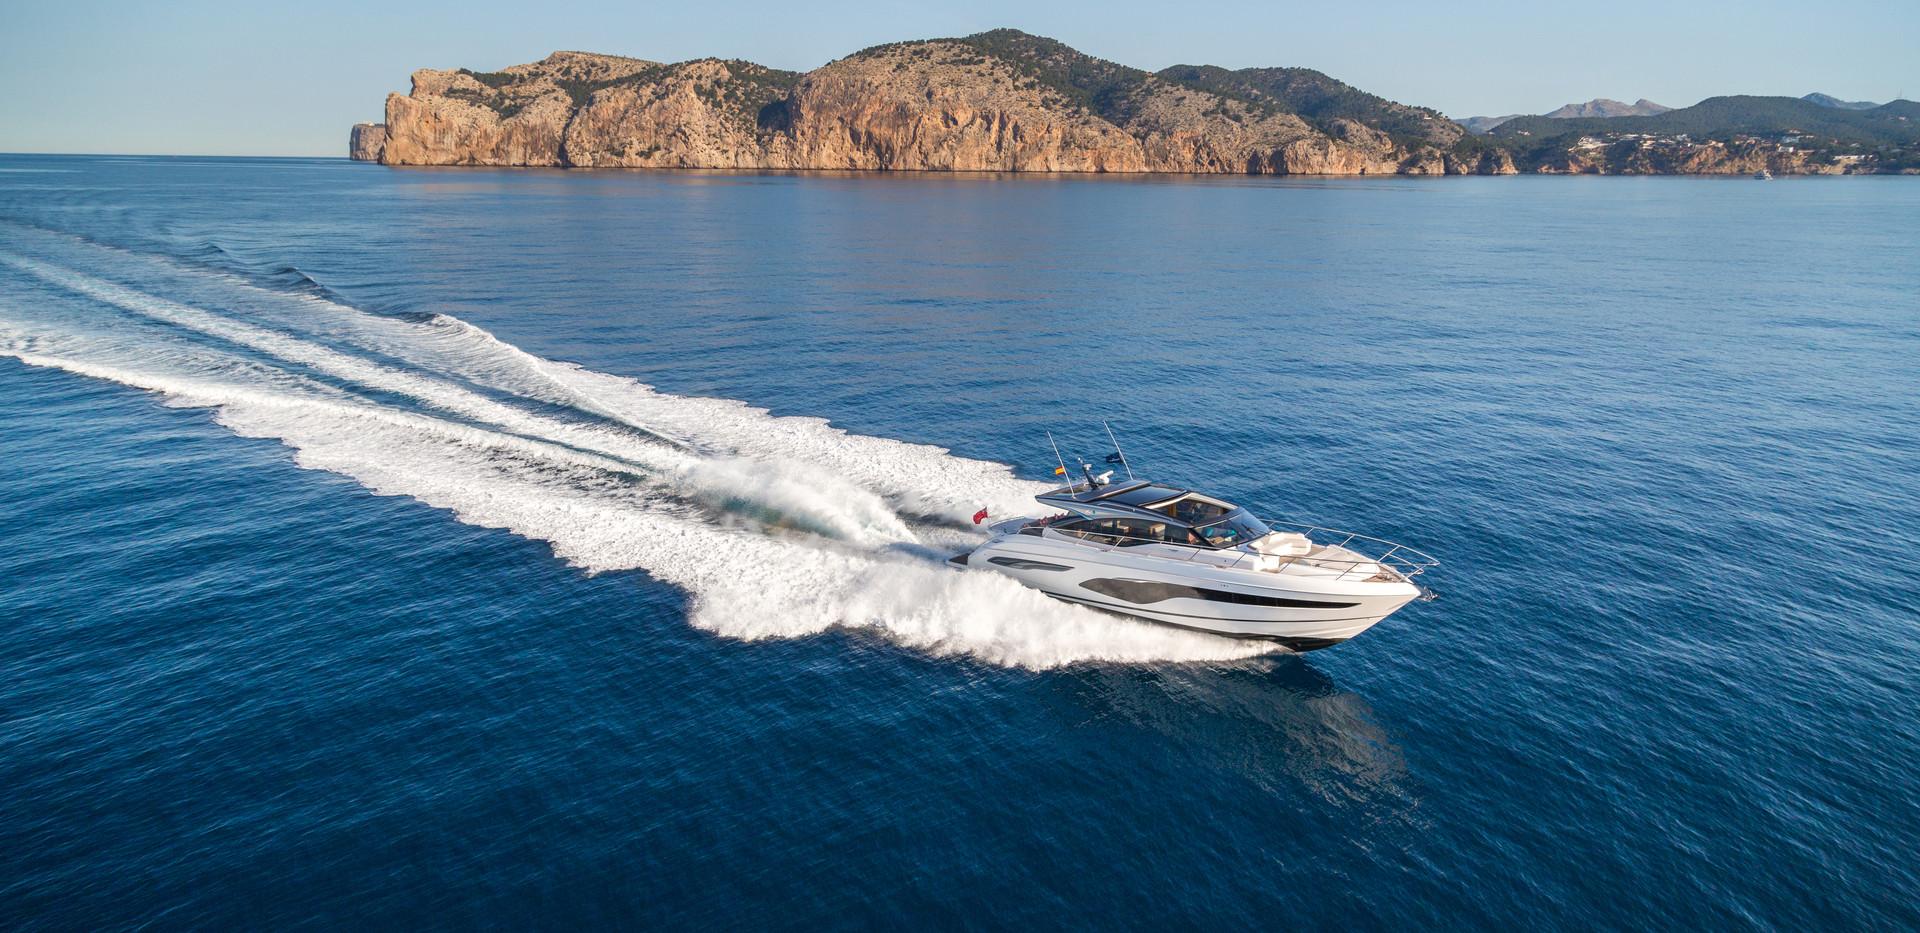 v65-exterior-white-hull-1.jpg